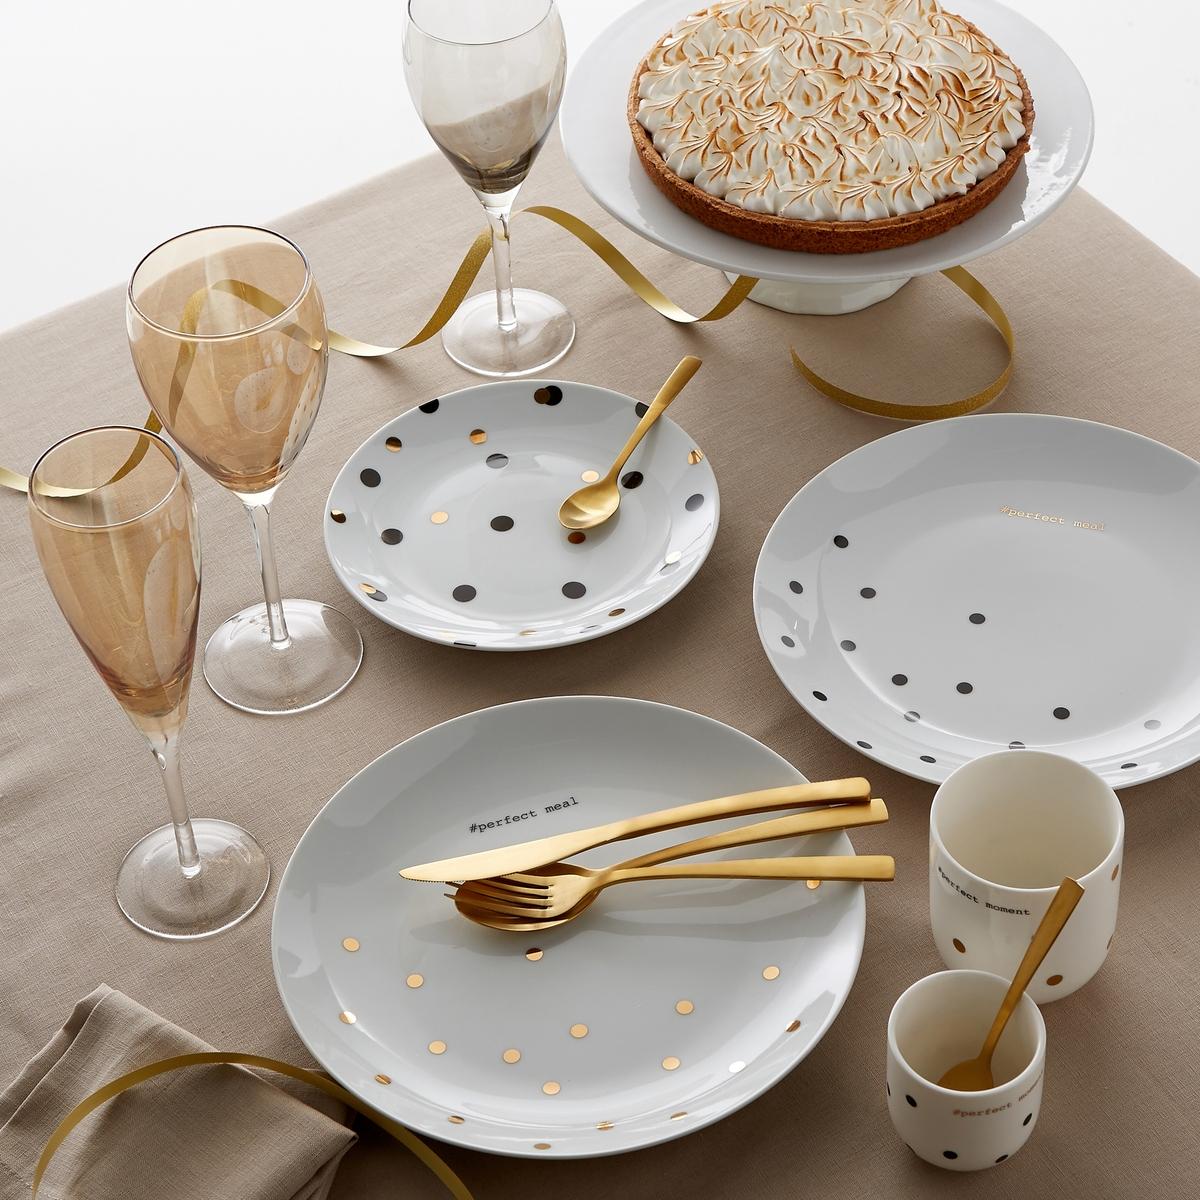 Комплект из 4 мелких тарелок из фарфора Kubler4 мелкие тарелки из фарфора La redoute Int?rieurs . Рисунок в горошек с надписью Perfect meal золотистого цвета .  В подарочном сундучке chez La Redoute Int?rieurs. Характеристики тарелок из фарфора Kubler :- Мелкие тарелки из фарфора  - Диаметр : 26, 5 см- Подходят для мытья в посудомоечной машине - Не подходят для использования в микроволновой печи  - Продаются в комплекте из 4 штук в подарочной коробкеОткройте для себя всю коллекцию посуды из фарфора Kubler<br><br>Цвет: черный в горошек